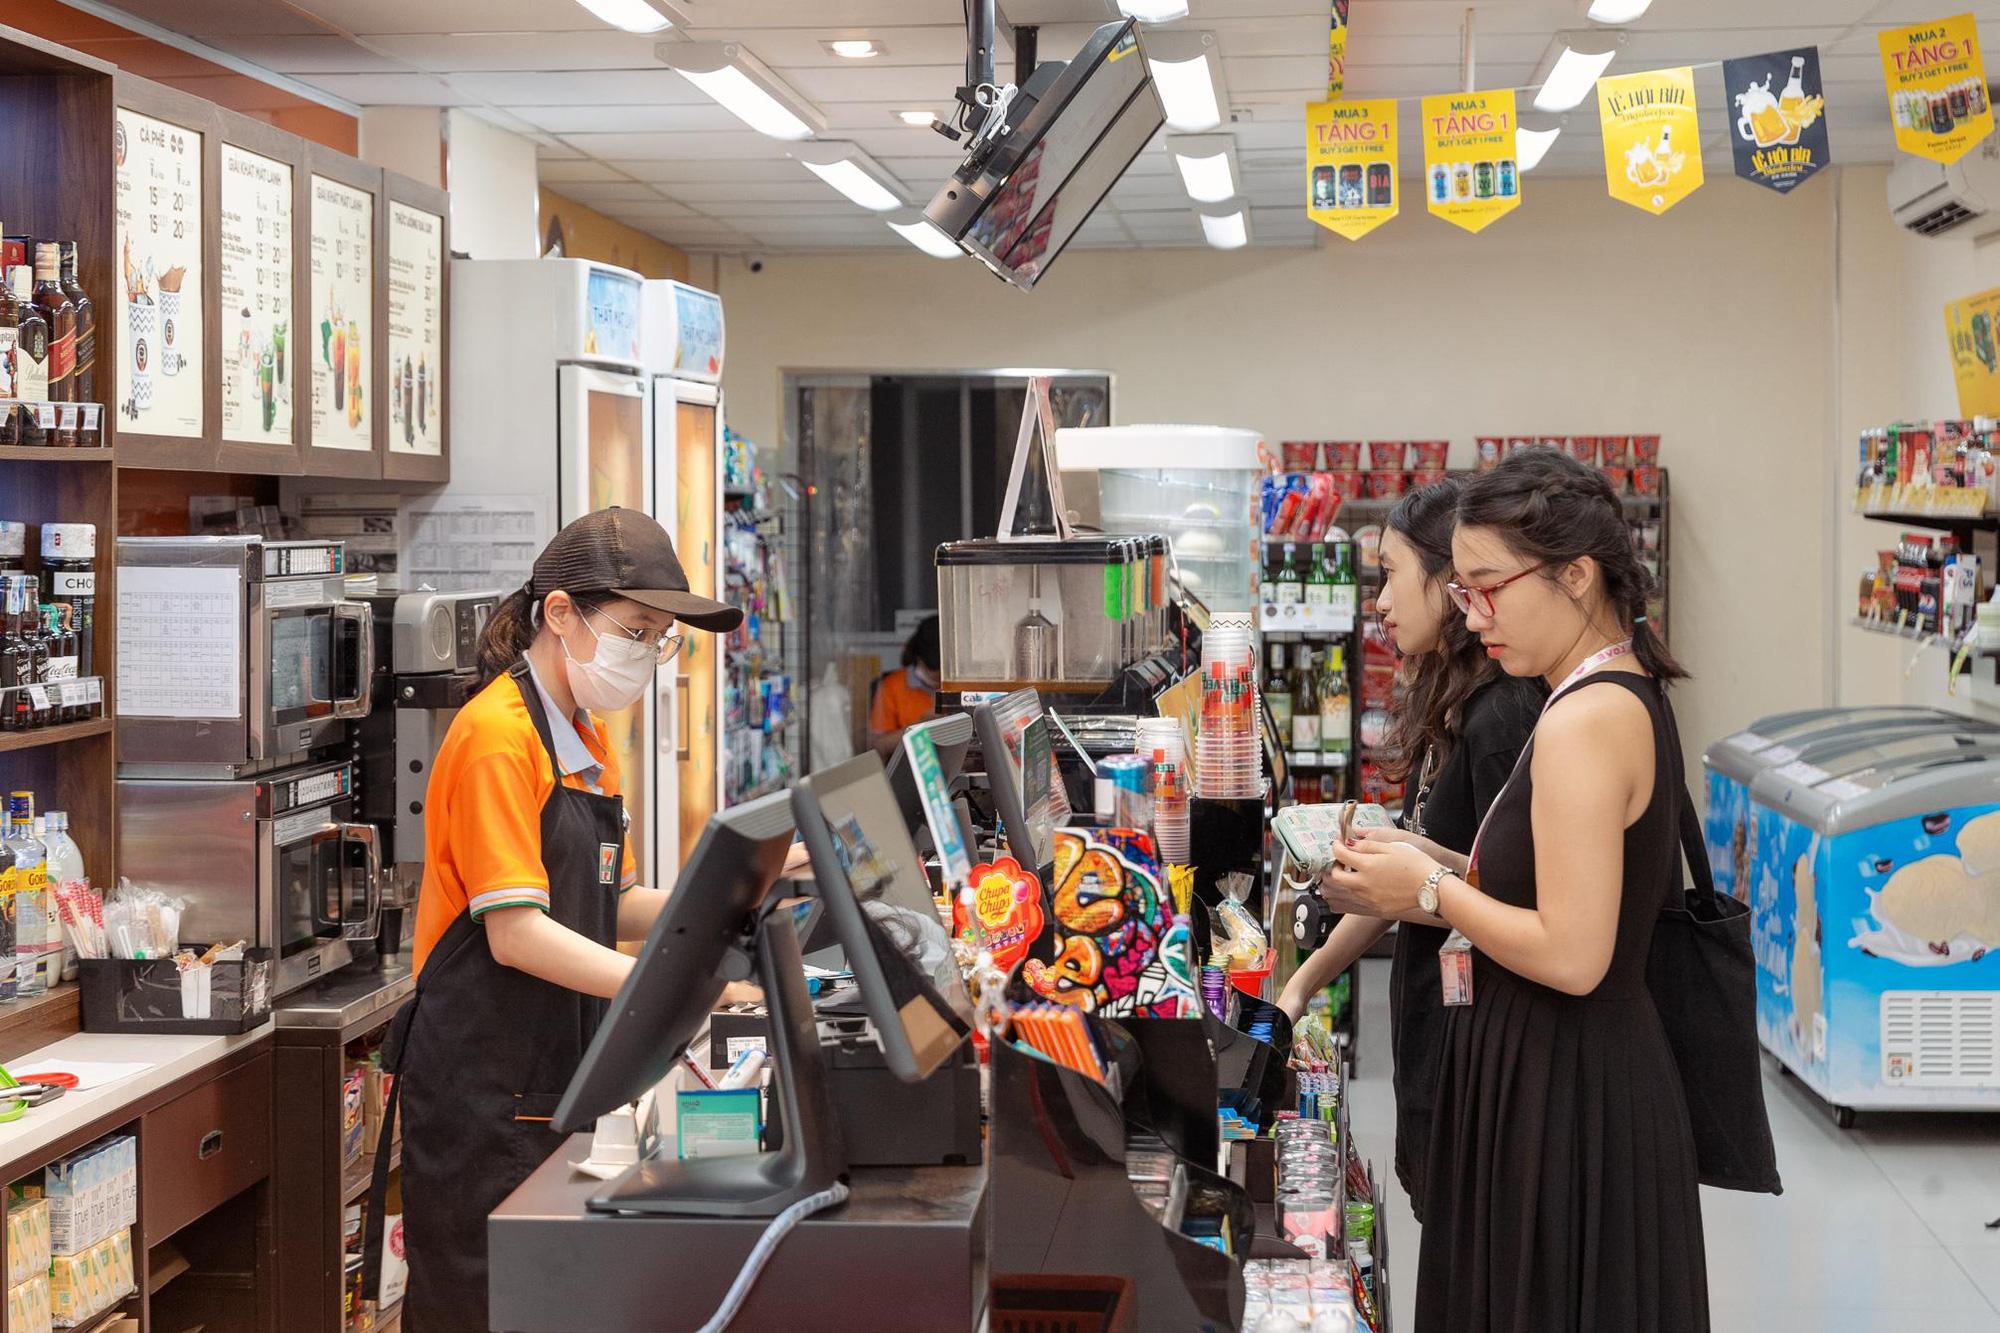 Khám phá loạt món đồ thiết yếu ở 7-Eleven khiến bạn ồ à quyết xuống tiền mua ngay! - Ảnh 11.